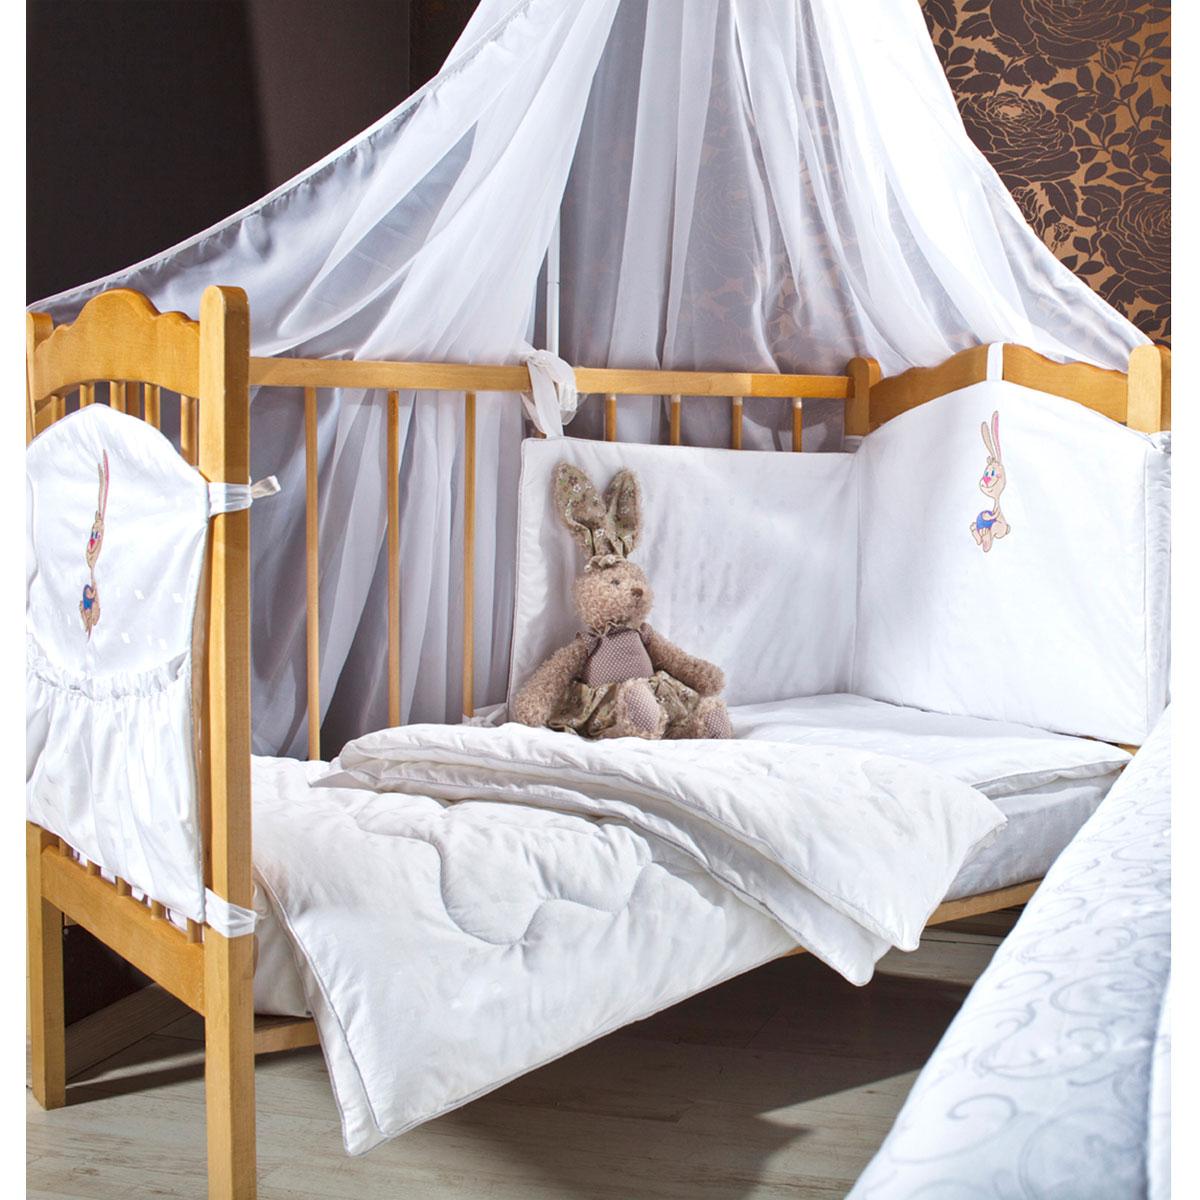 Комплект в кроватку Primavelle Lovely, цвет: розовый, 5 предметов411601842-3126вlКомплект в кроватку Primavelle Lovely прекрасно подойдет для кроватки вашего малыша, добавит комнате уюта и согреет в прохладные дни. В качестве материала верха использован натуральный 100% хлопок. Мягкая ткань не раздражает чувствительную и нежную кожу ребенка и хорошо вентилируется. Подушка и одеяло наполнены гипоаллергенным бамбуковым волокном. Бамбук является природным антисептиком, обладающим уникальными антибактериальными и дезодорирующими свойствами. Бортики наполнены экофайбером, который не впитывает запах и пыль. Балдахин выполнен из легкой прозрачной вуали. В комплекте - удобный карман на кроватку для всех необходимых вещей.Очень важно, чтобы ваш малыш хорошо спал - это залог его здоровья, а значит вашего спокойствия. Комплект Primavelle Lovely идеально подойдет для кроватки вашего малыша. На нем ваш кроха будет спать здоровым и крепким сном.Комплектация:- бортик (180 см х 46 см); - балдахин (420 см х 160 см);- подушка (40 см х 60 см);- одеяло (110 см х 140 см);- кармашек (60 см х 45 см).